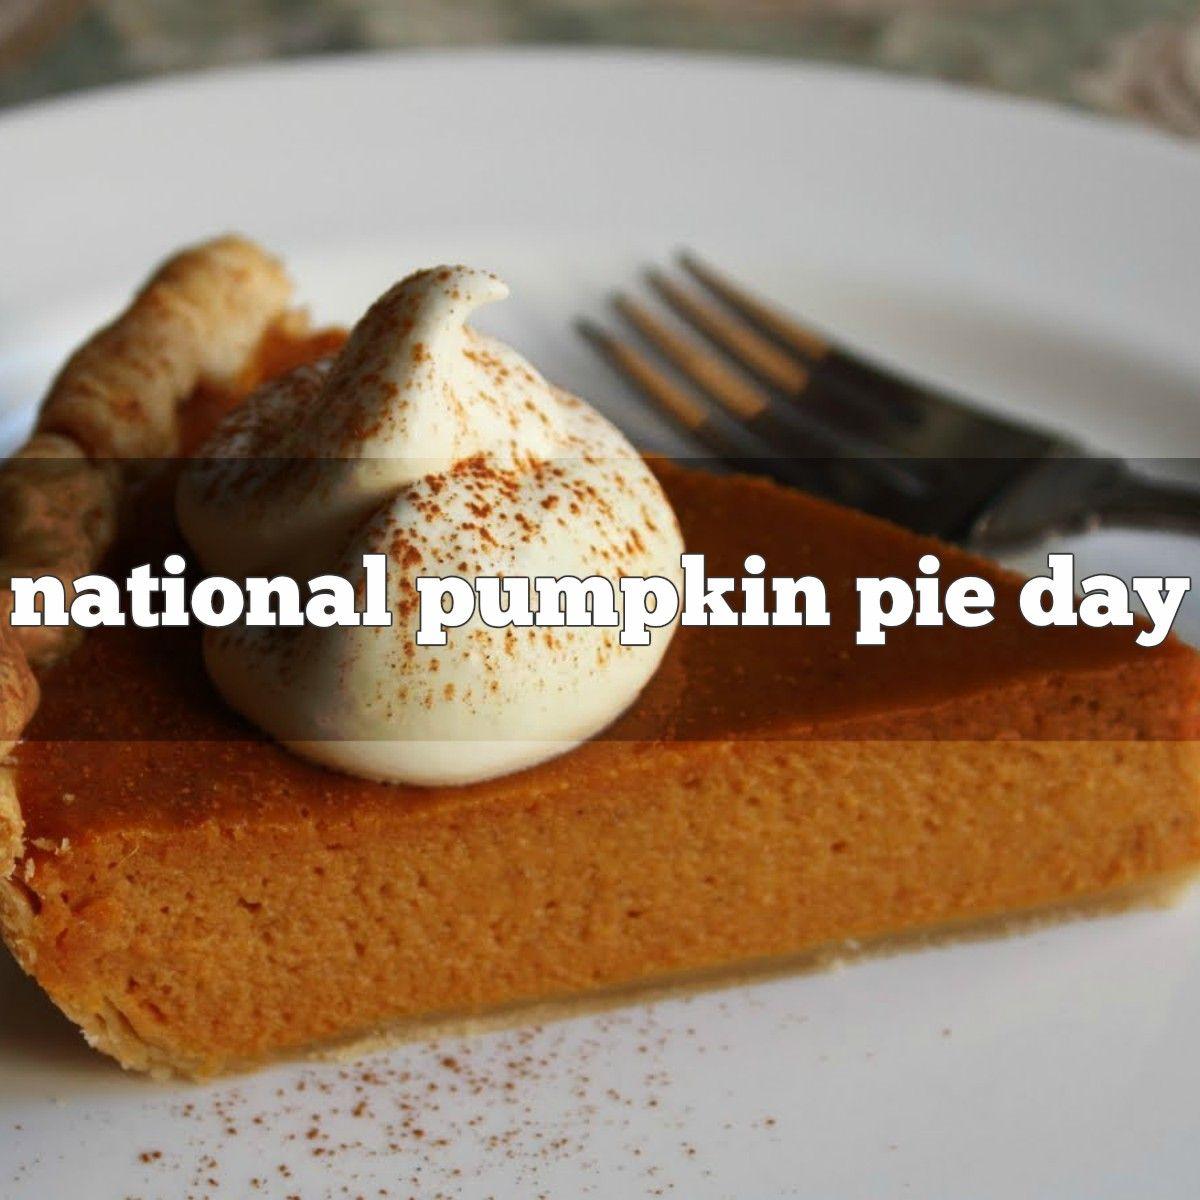 December 25 Is National Pumpkin Pie Day Pumpkin Pie Pie Day Pumpkin